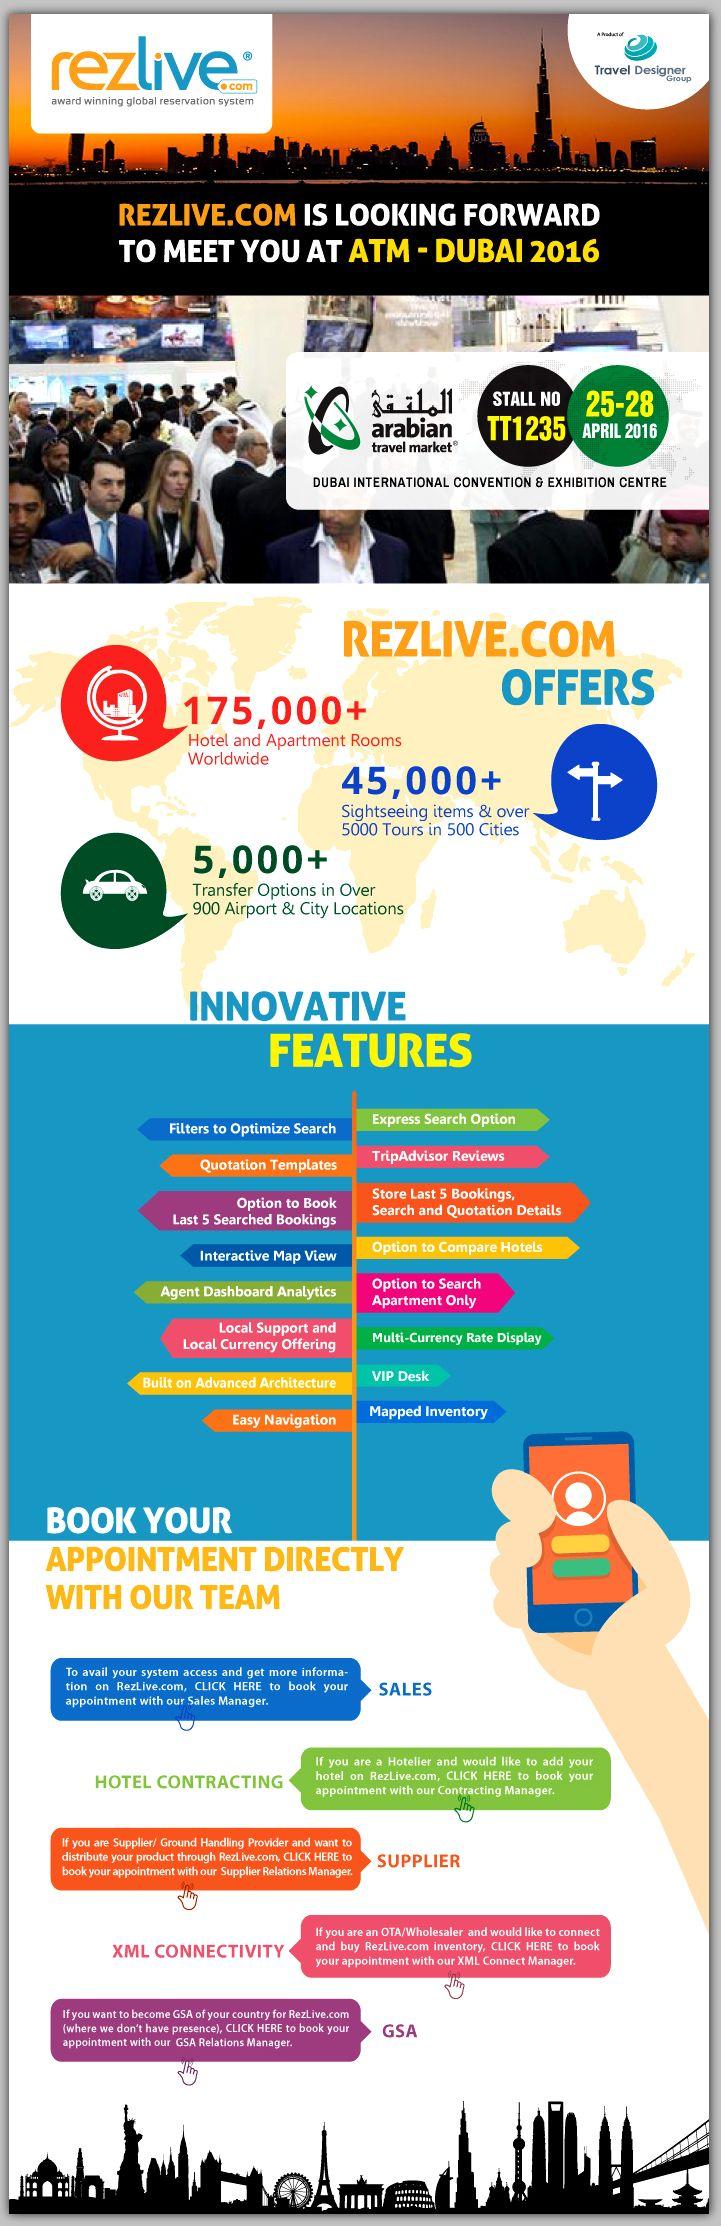 Meet RezLive @ ATM, Dubai | Booth No TT1235 | 25-28 April